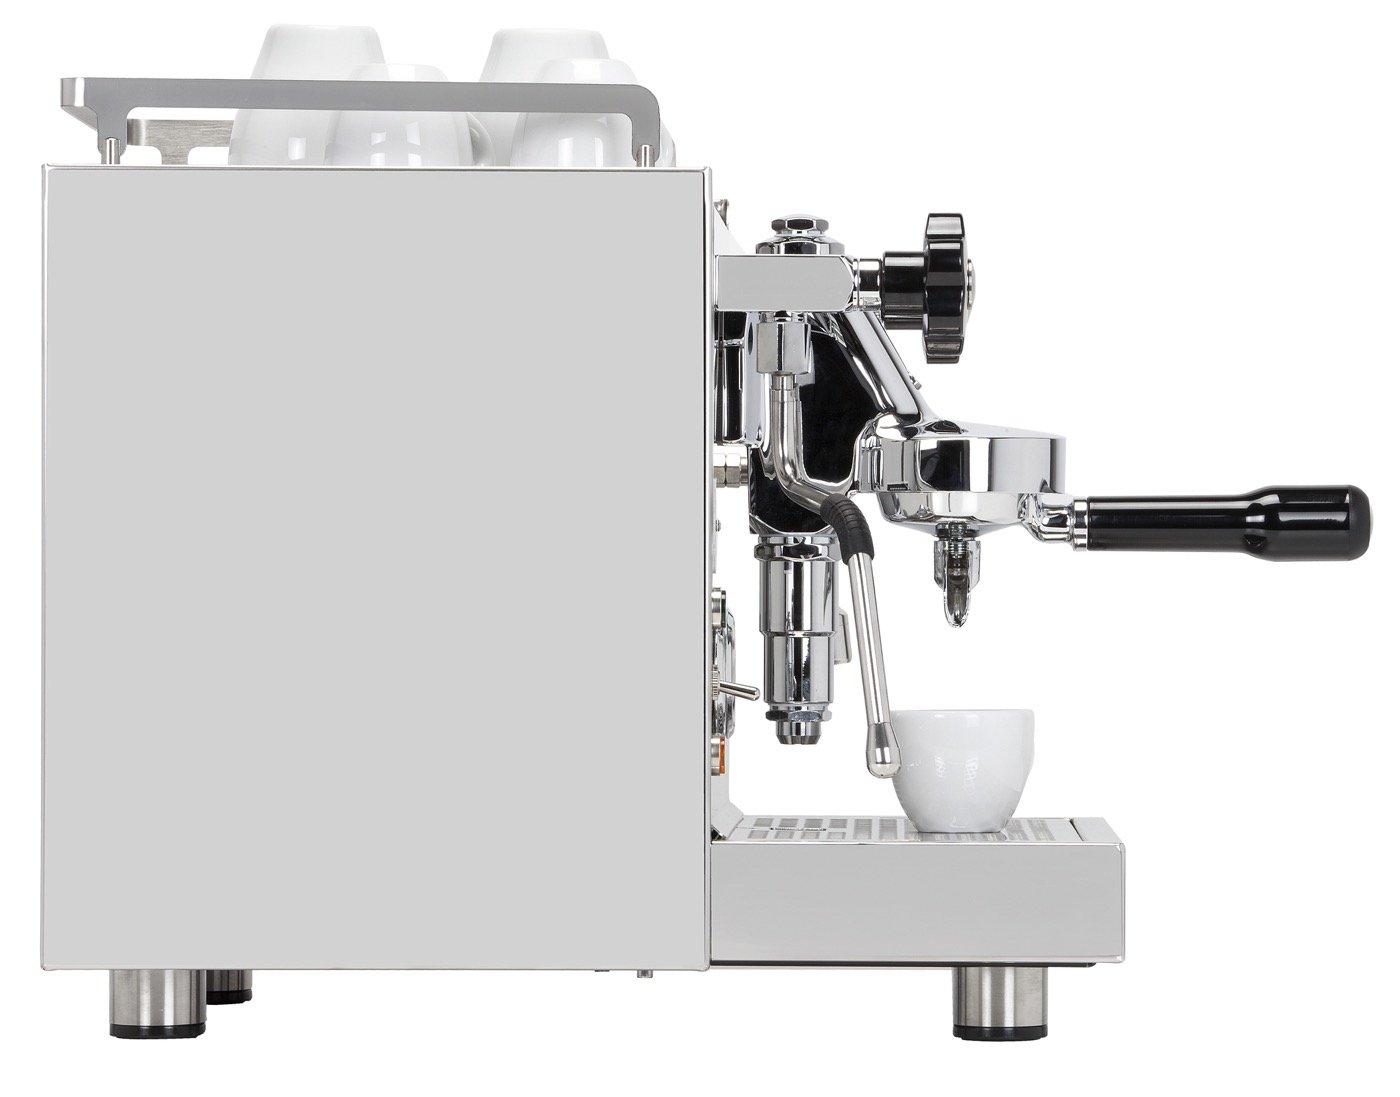 Profitec Pro 500 Espresso Machine by Profitec (Image #3)